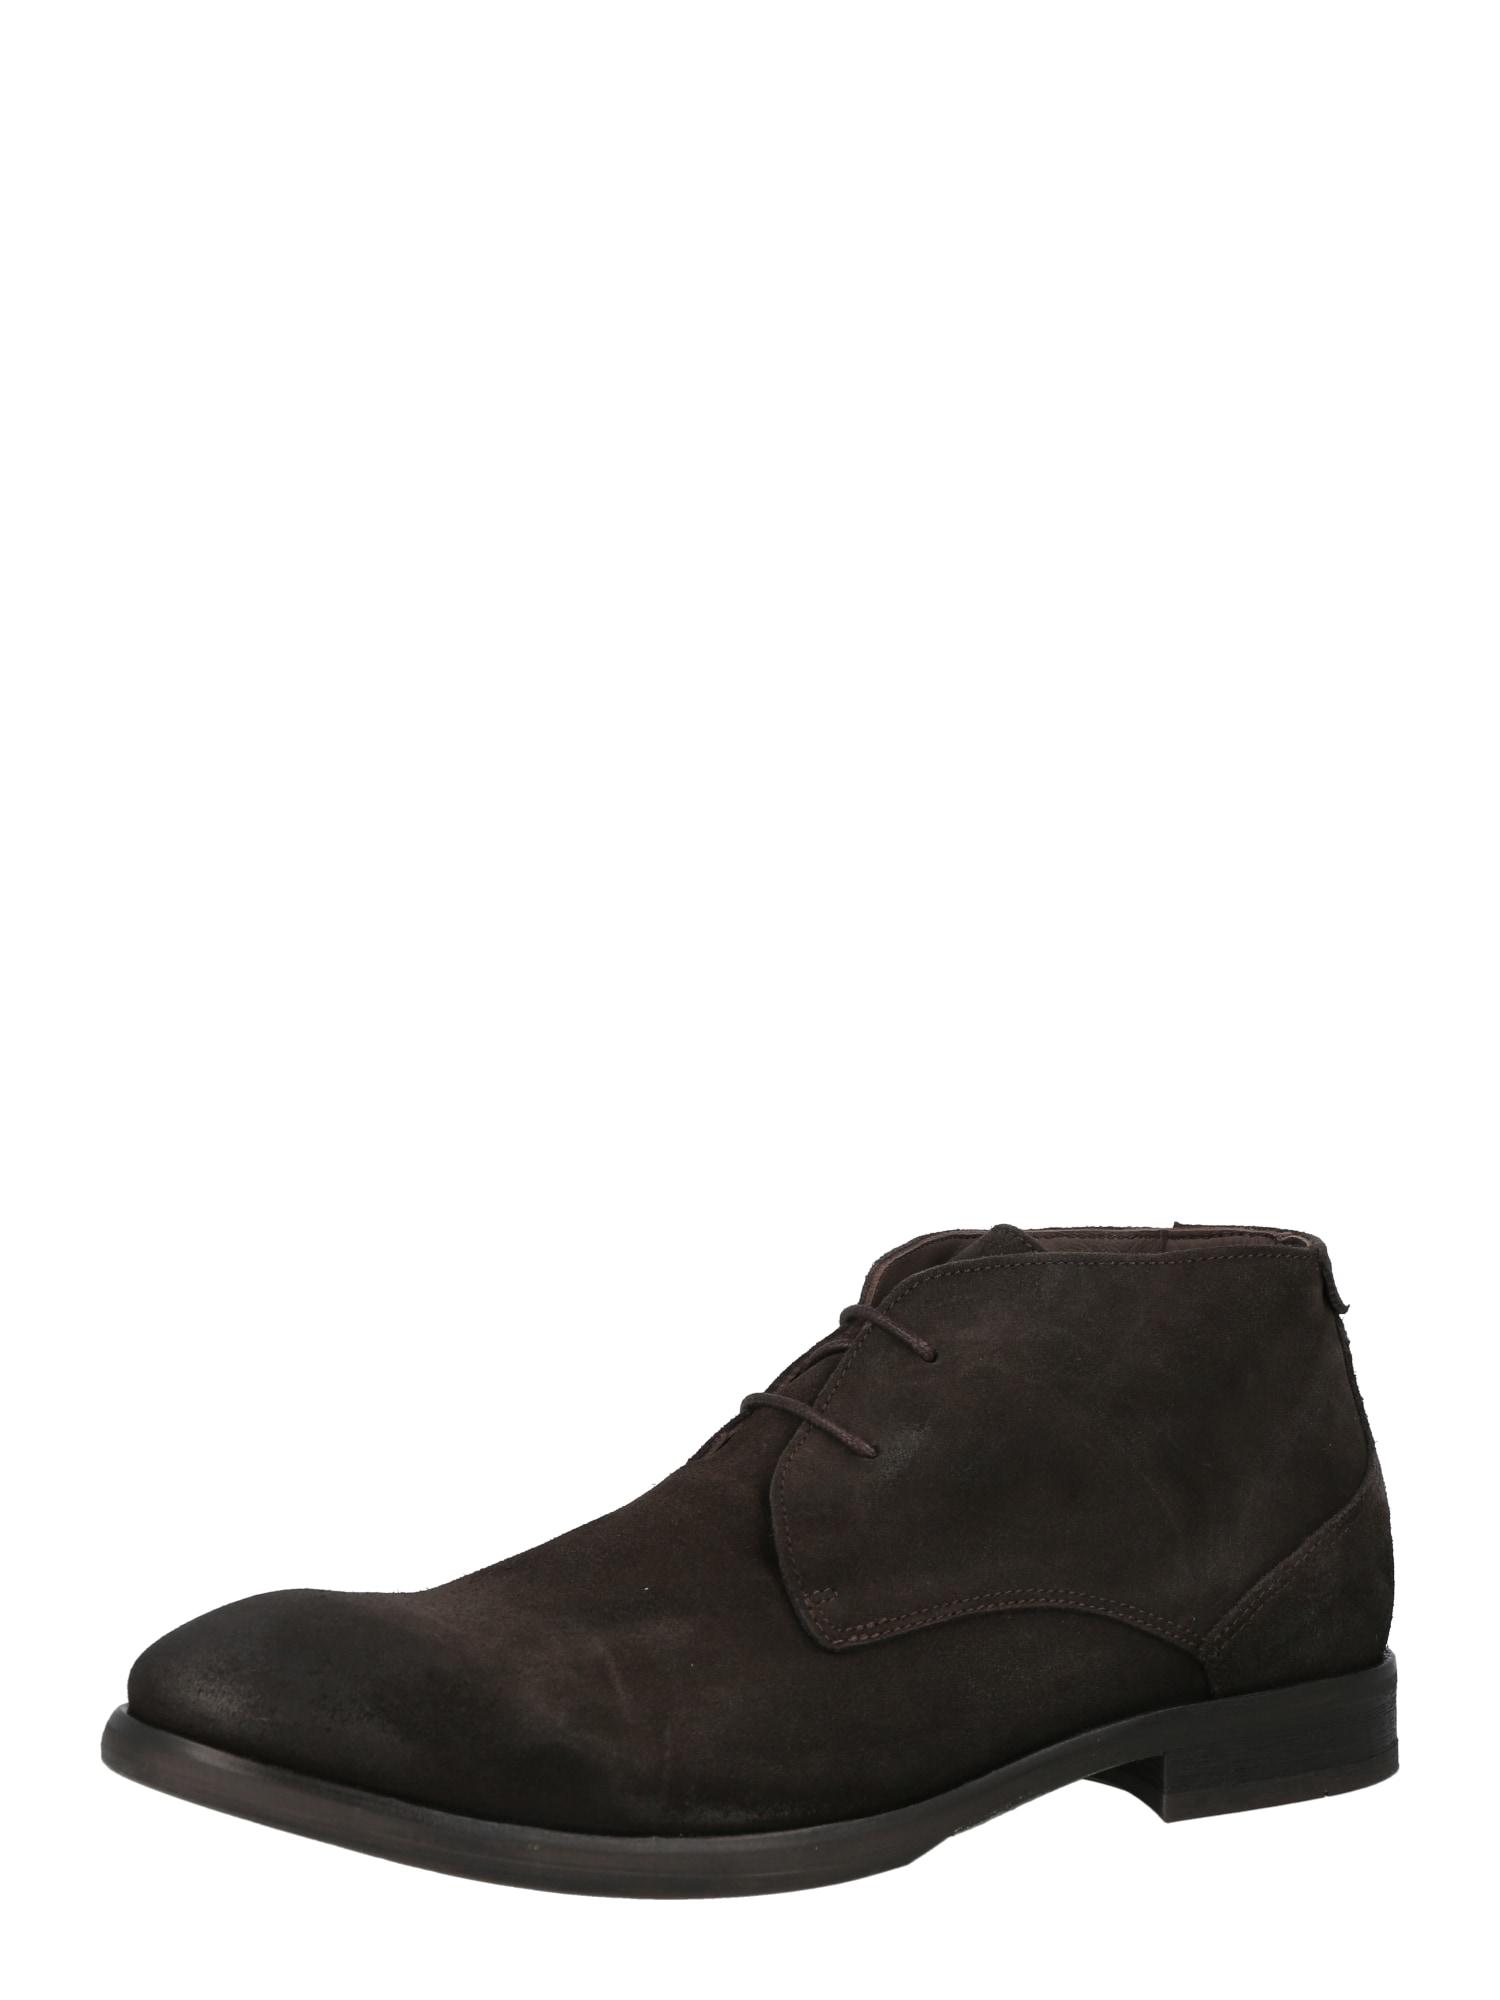 Hudson London Šněrovací boty 'CRUISE'  tmavě hnědá